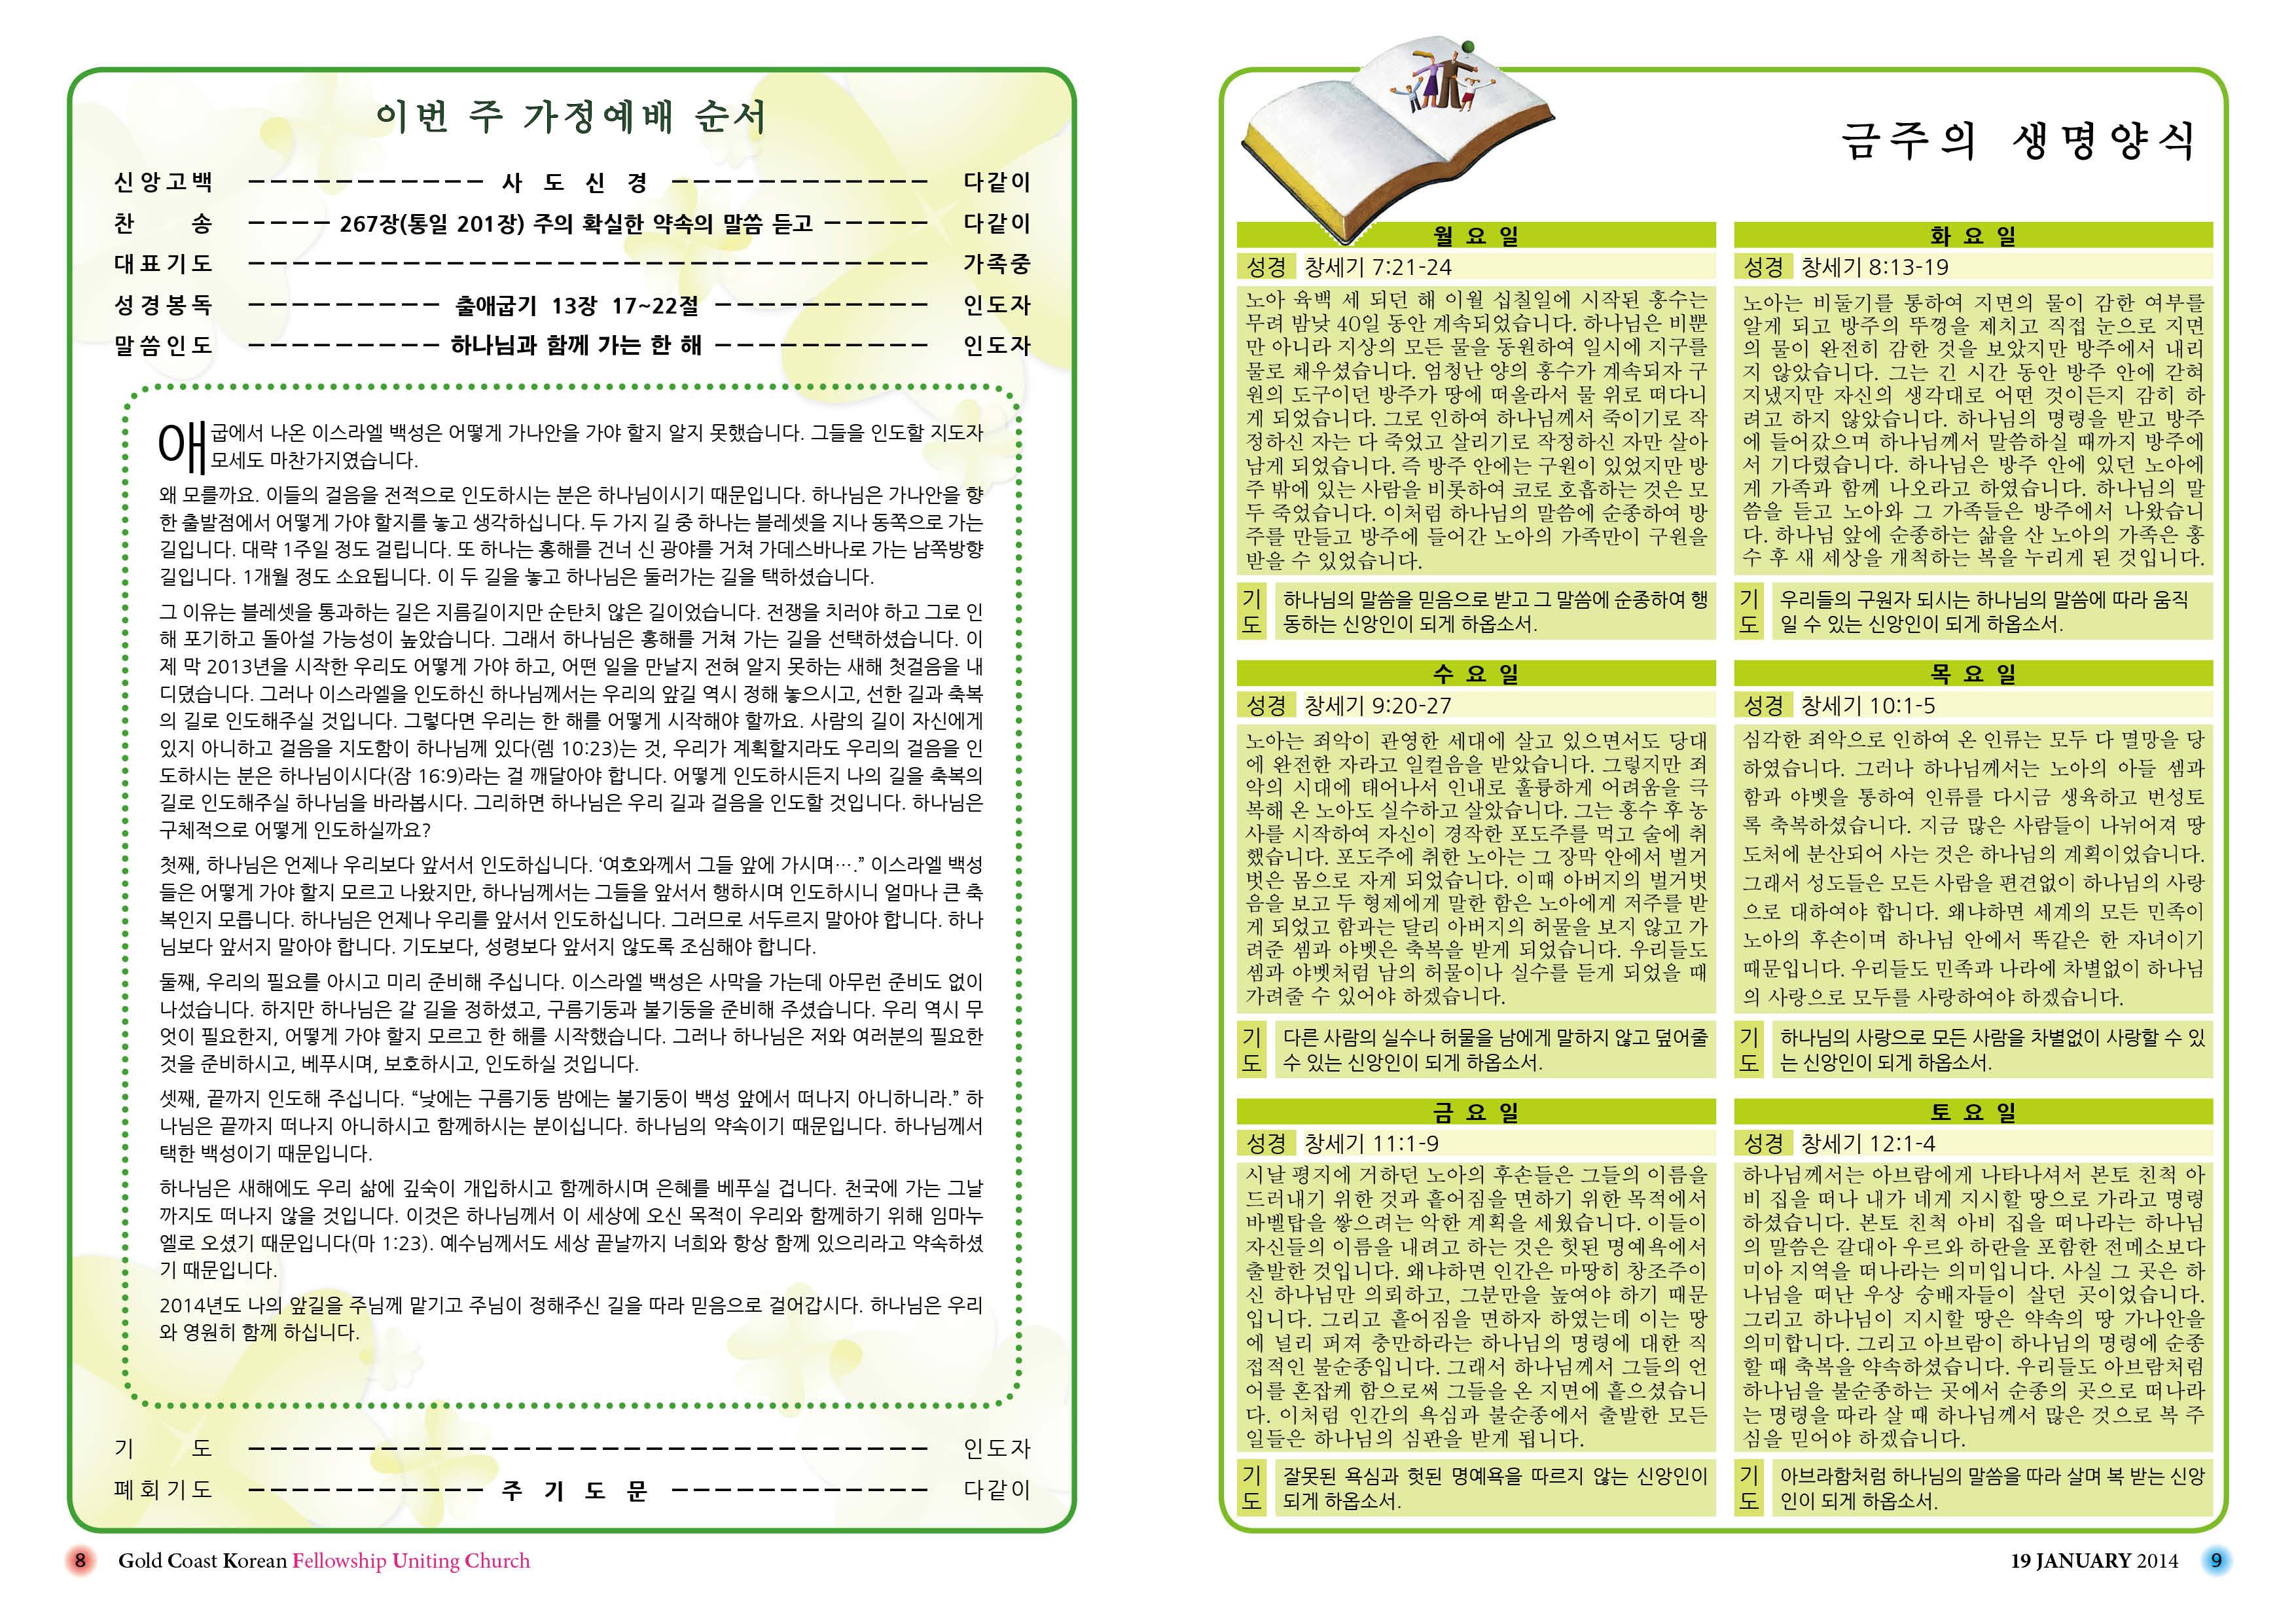 2014.01.19 주보 프린트(1차 수정)8.jpg